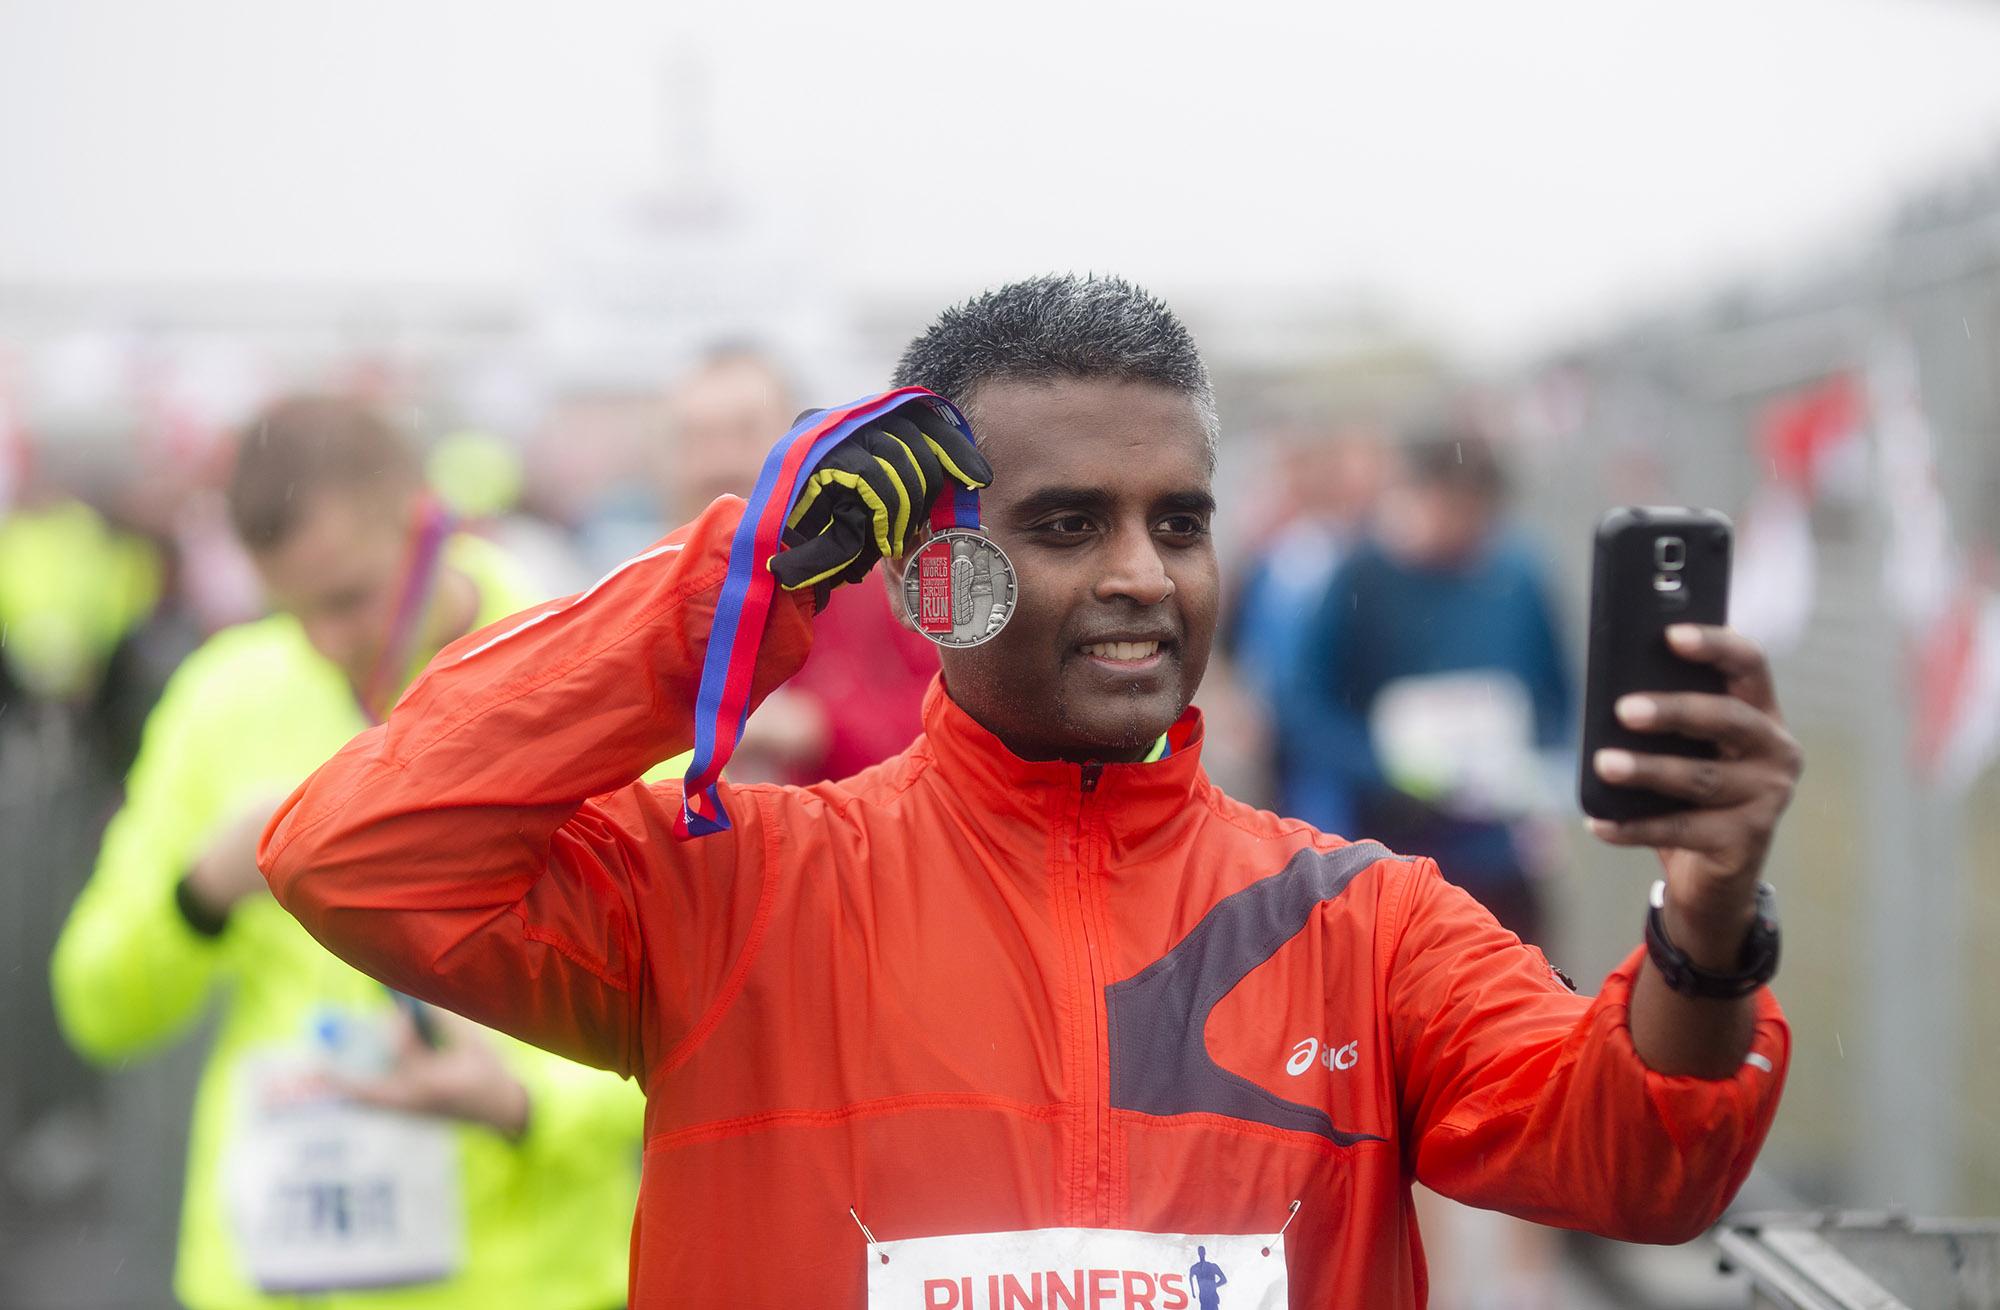 Foto van man die selfie maakt na duurloop